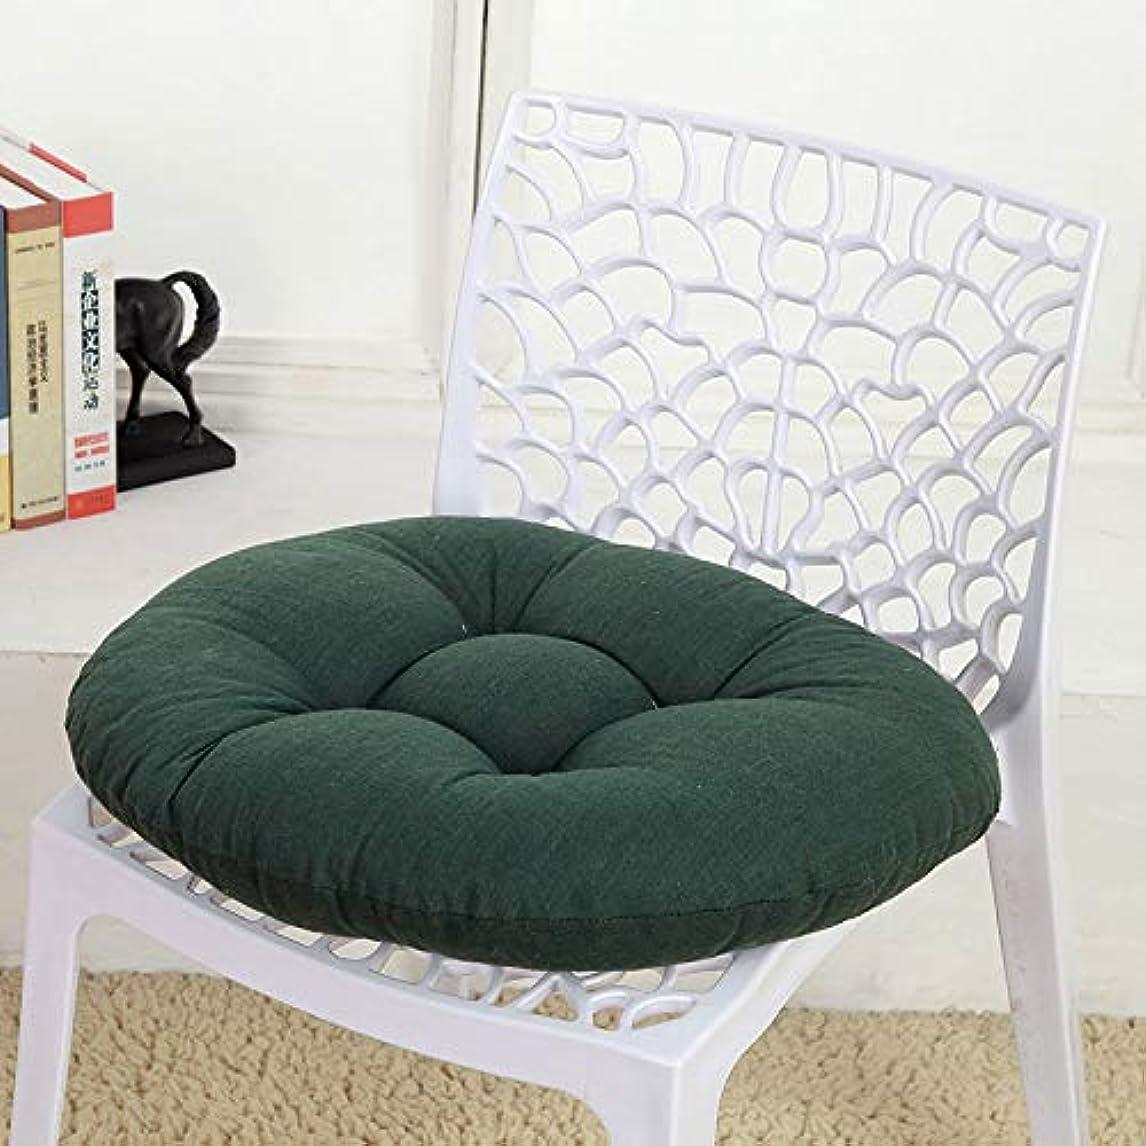 船外特殊してはいけませんSMART キャンディカラーのクッションラウンドシートクッション波ウィンドウシートクッションクッション家の装飾パッドラウンド枕シート枕椅子座る枕 クッション 椅子